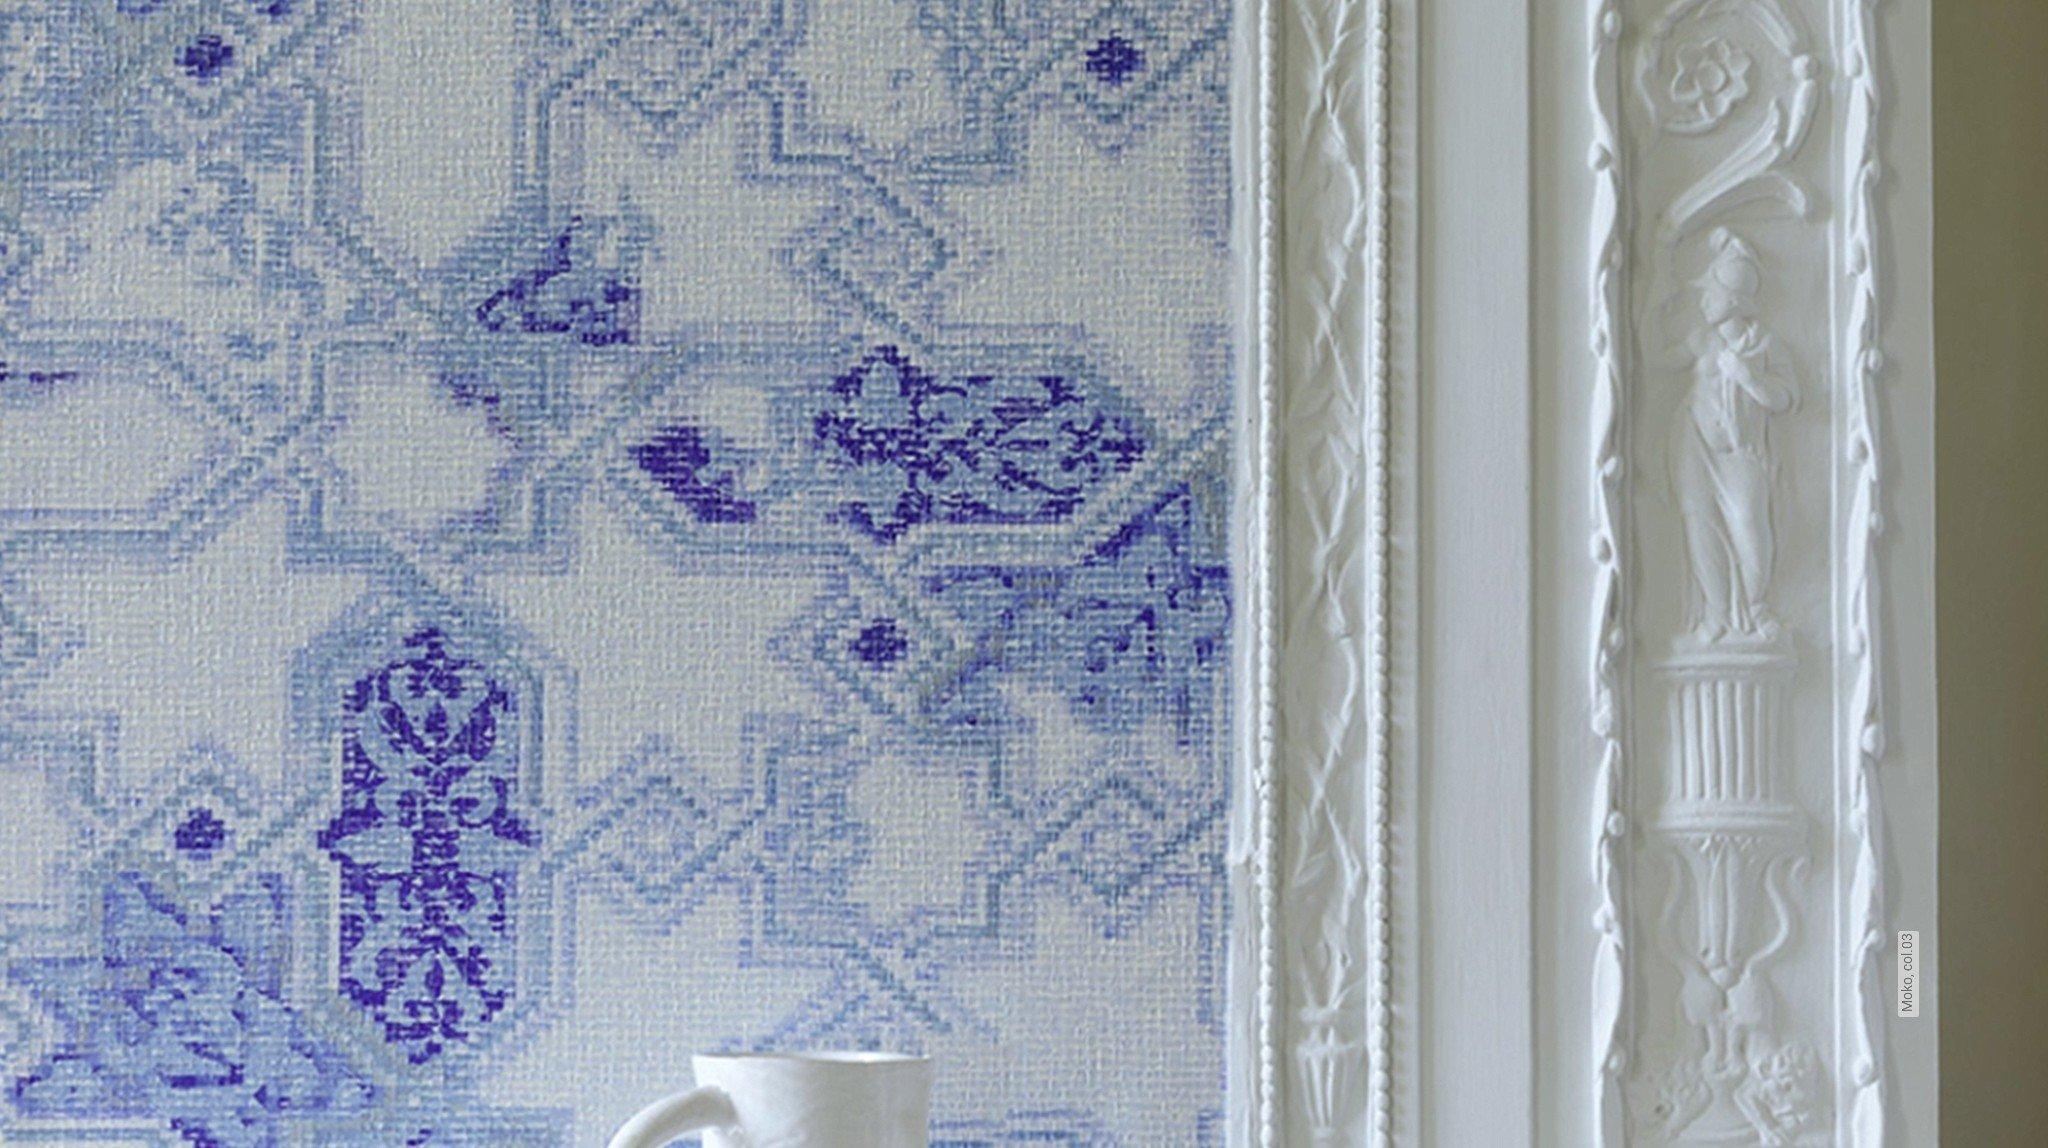 gest rzt kleben ornamente tapeten lust auf was neues. Black Bedroom Furniture Sets. Home Design Ideas